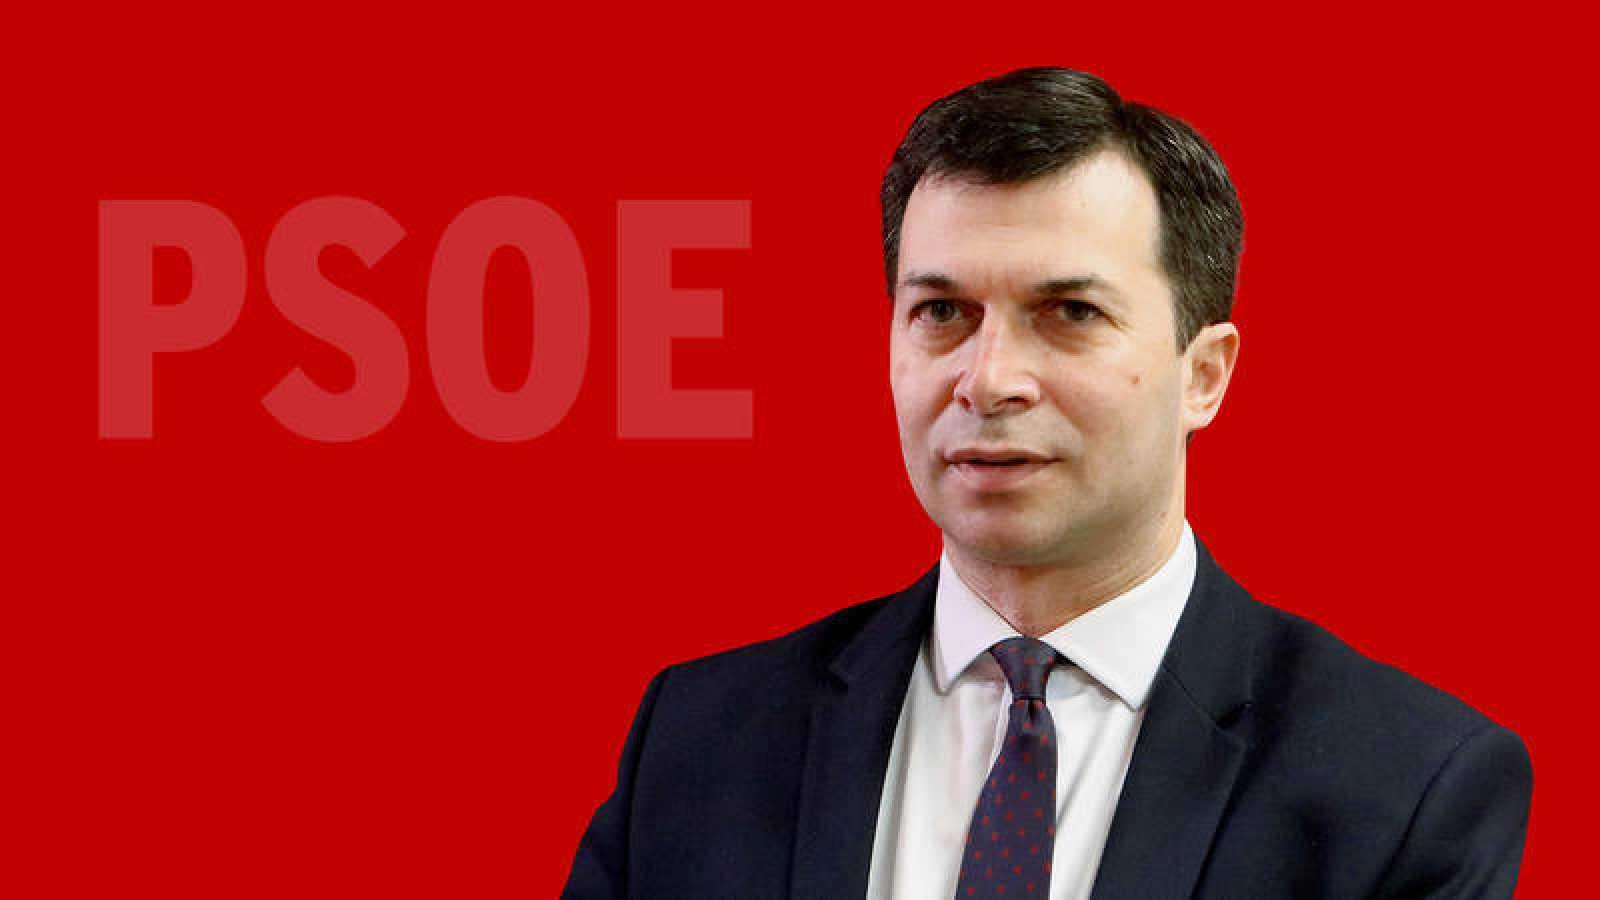 Elecciones en Galicia 2020: Perfil de Gonzalo Caballero, candidato del PSdeG a presidir la Xunta de Galicia